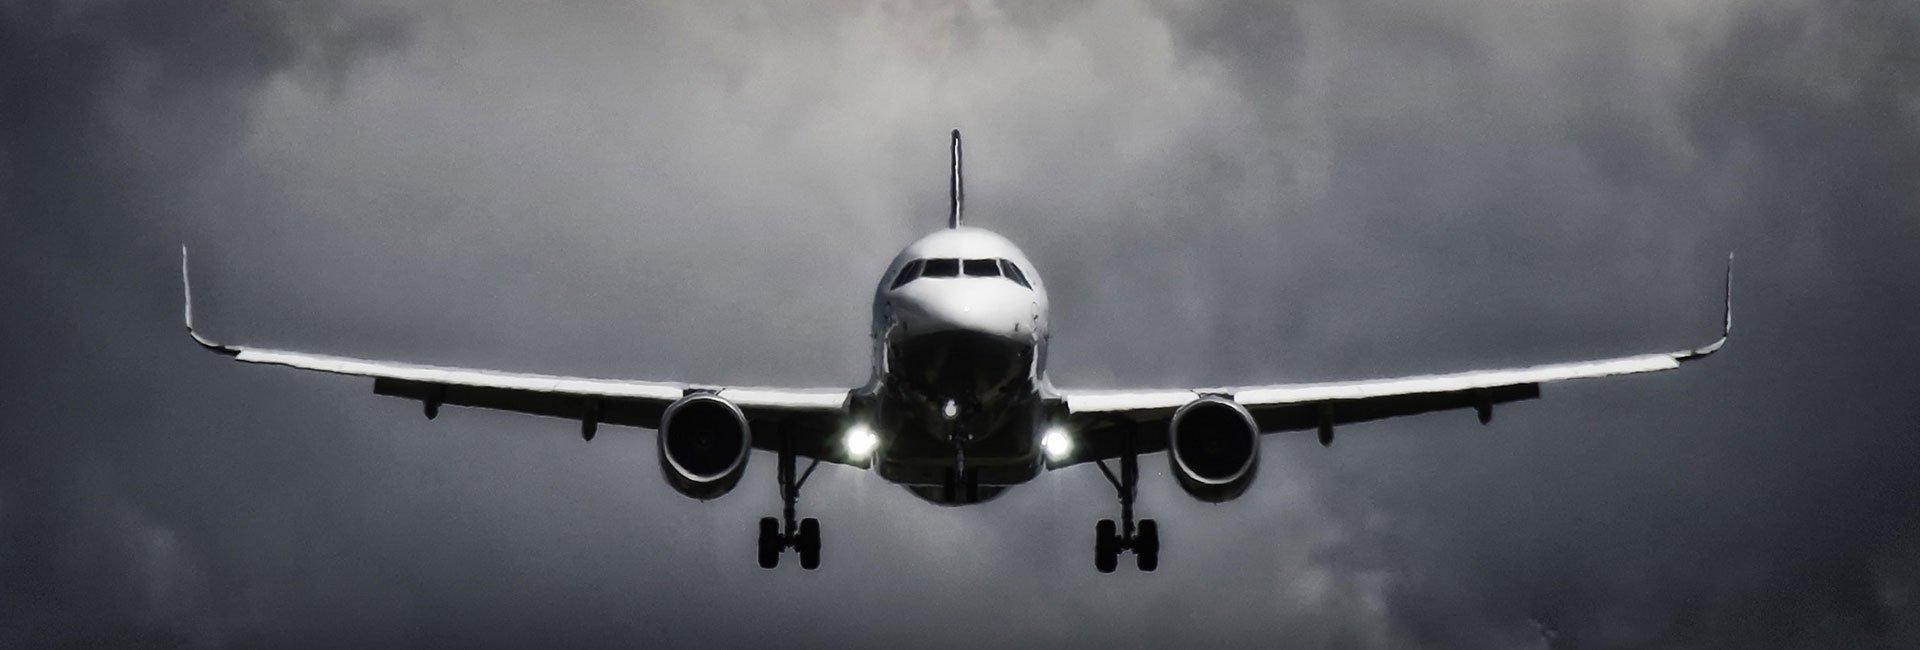 Trasporti e logistica - Conduzione del mezzo aereo